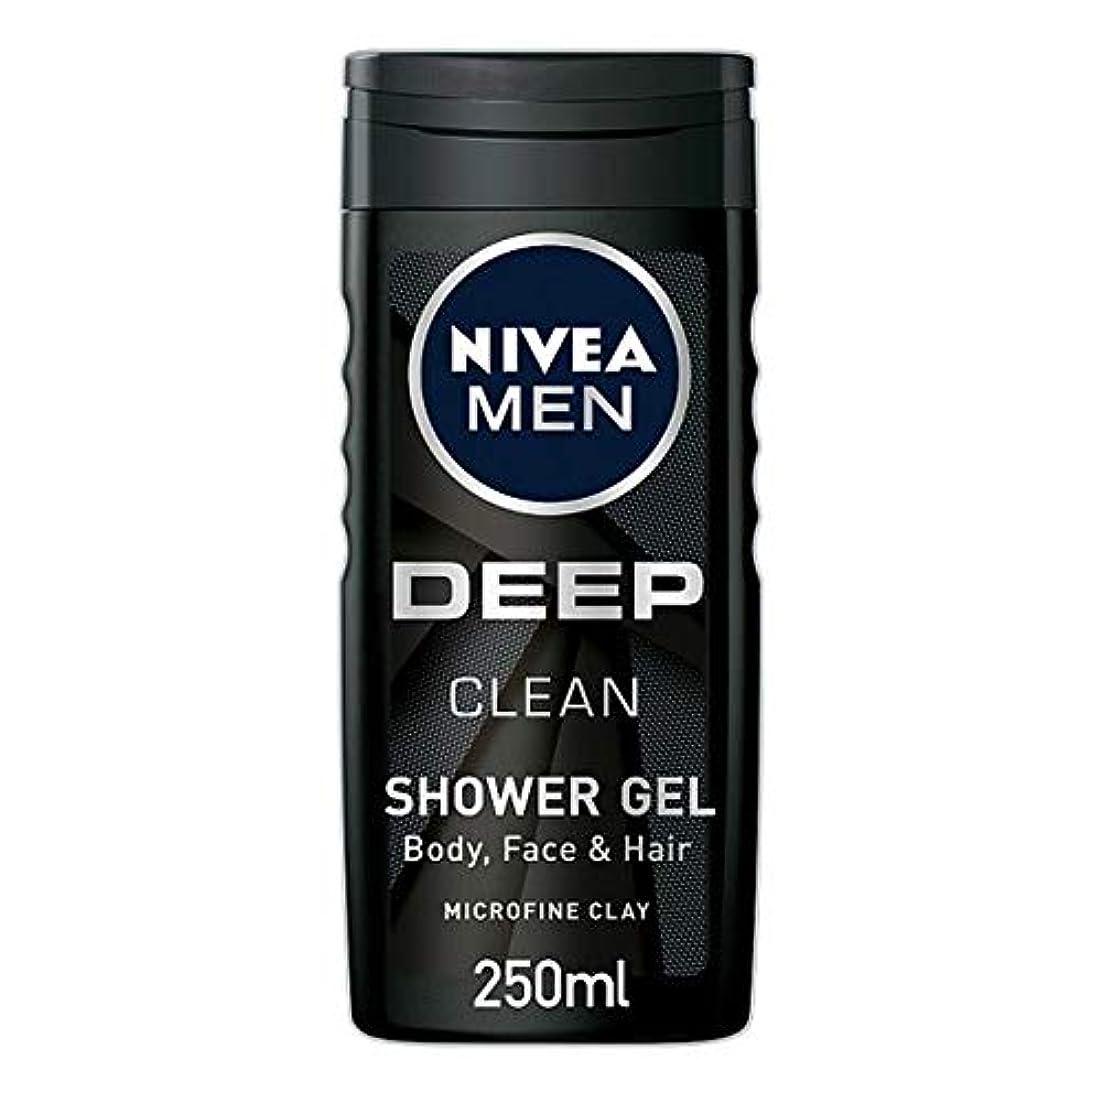 既に連隊ディスコ[Nivea] ニベア男性用シャワージェル深いきれいな250ミリリットル - Nivea Men Shower Gel Deep Clean 250Ml [並行輸入品]